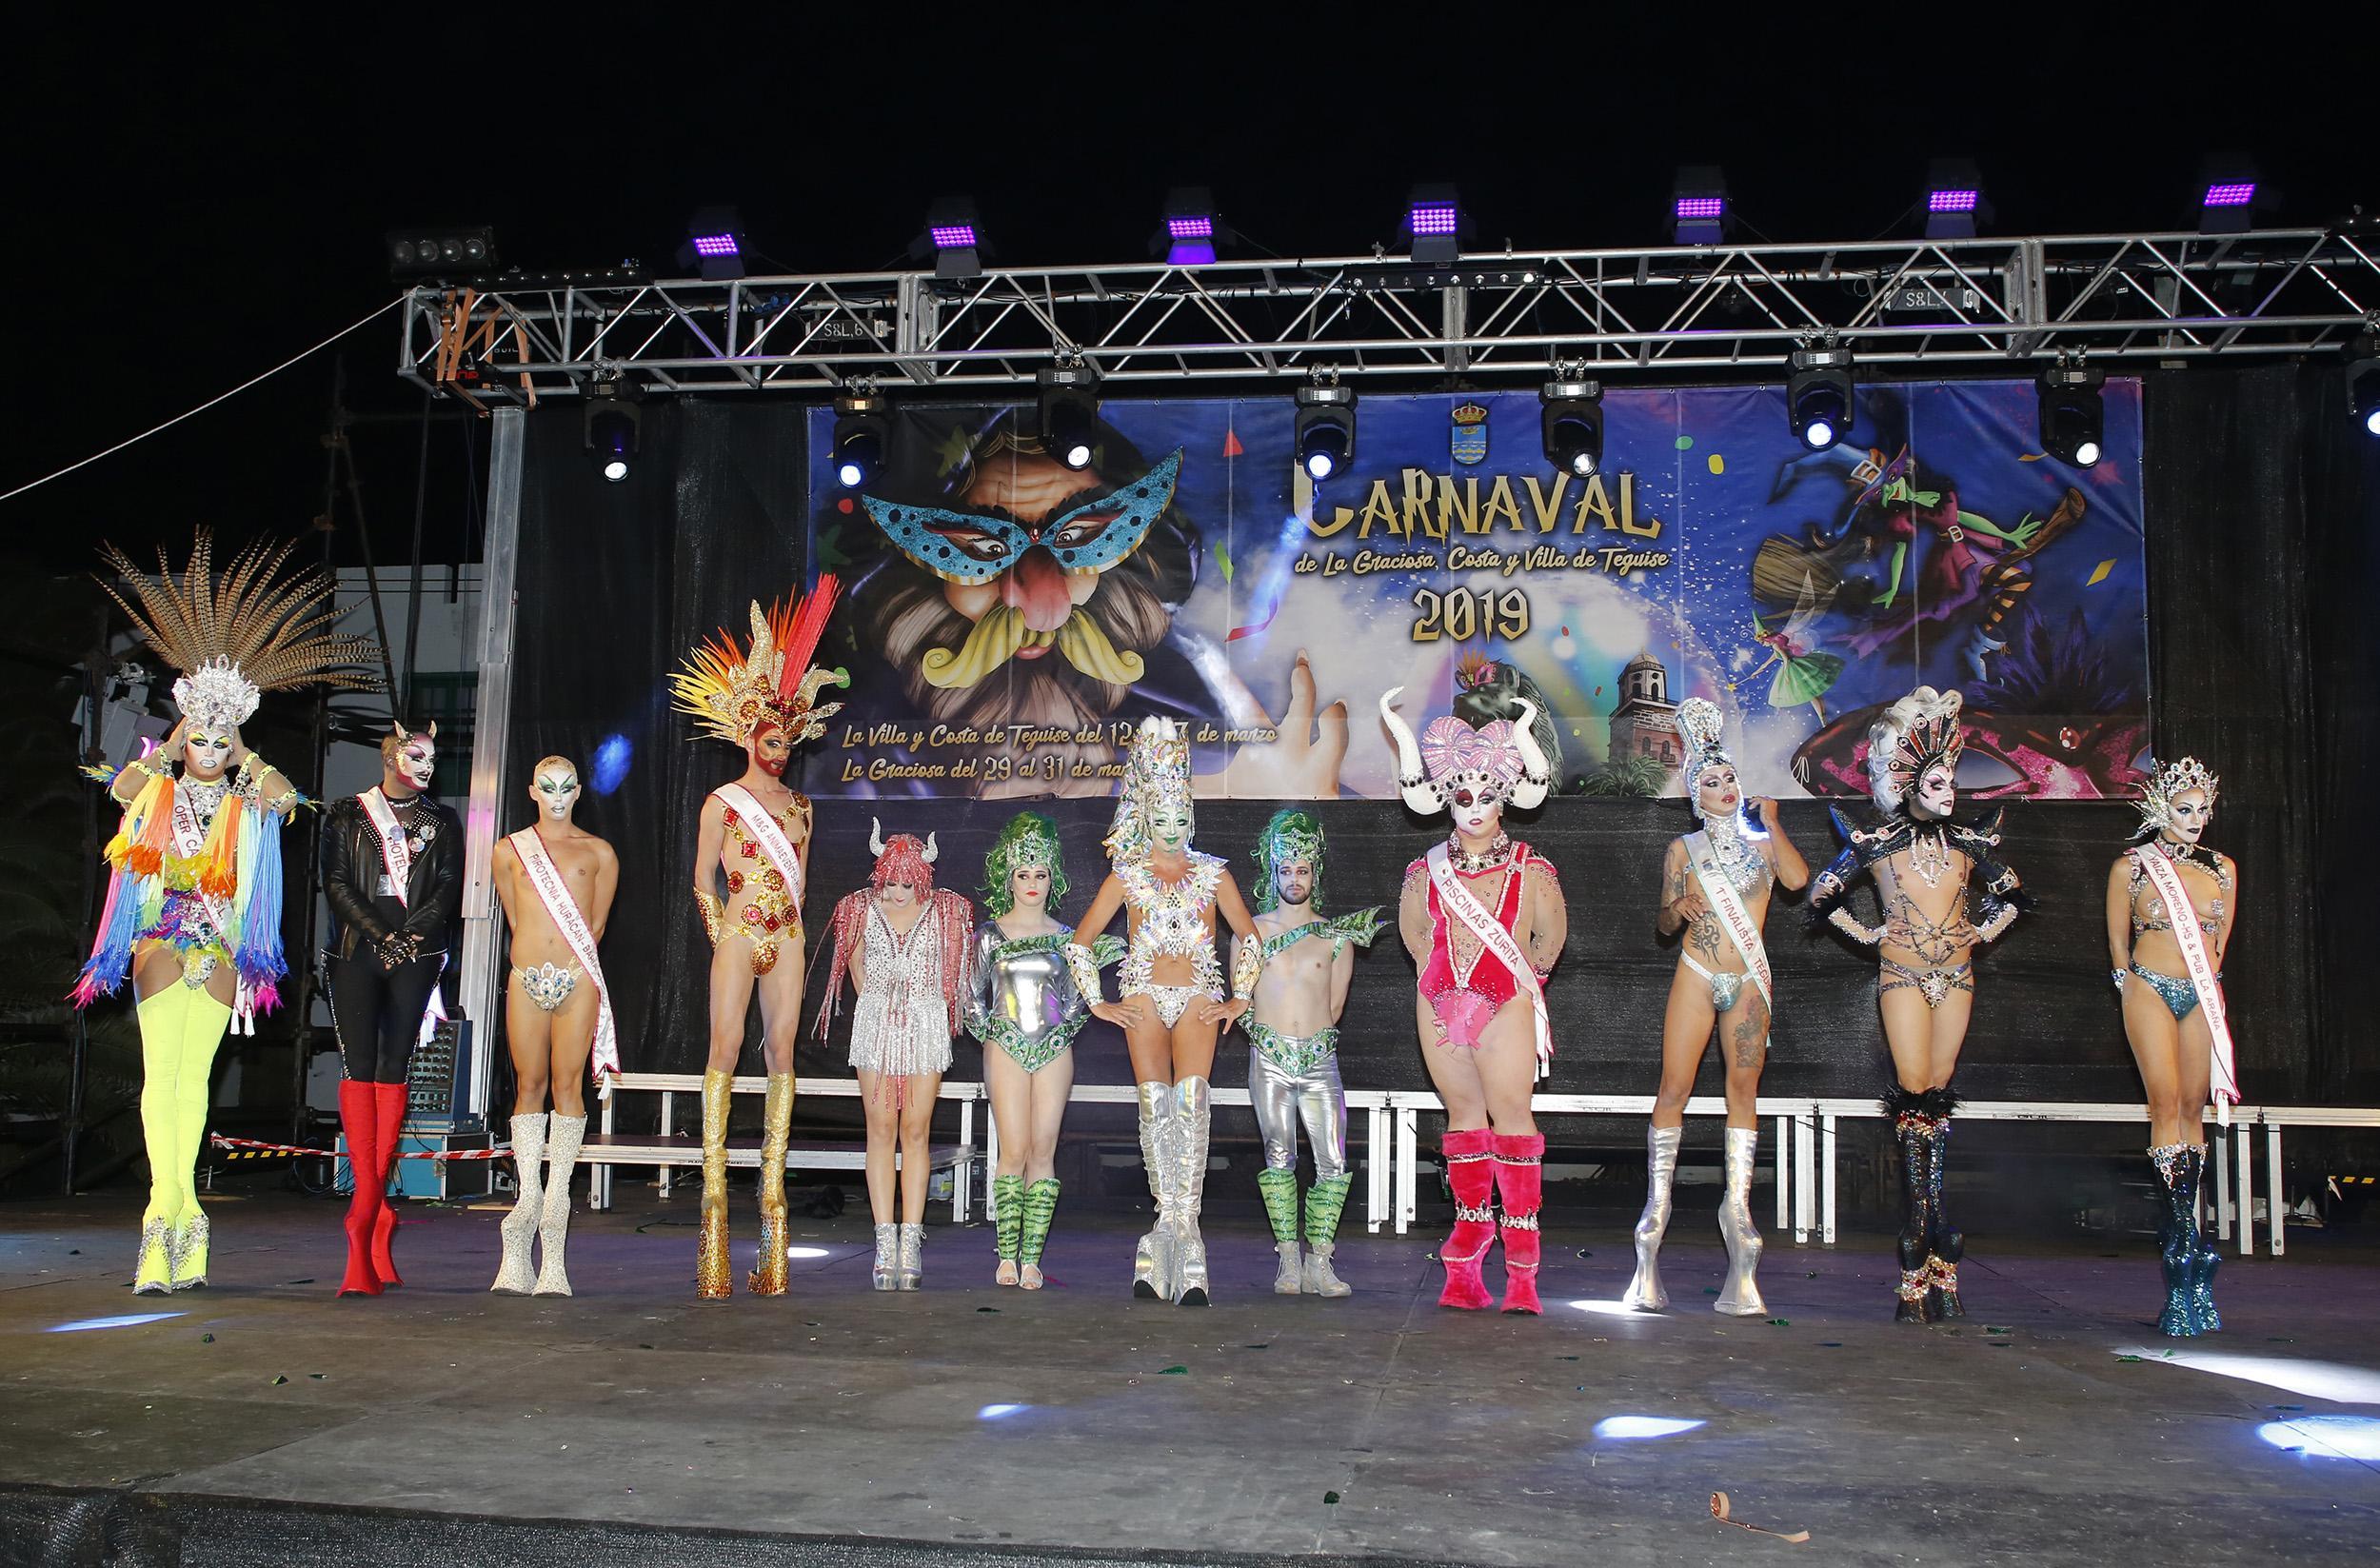 La Villa acogerá esta noche expresiones del Carnaval rural de diversas comunidades canarias y peninsulares